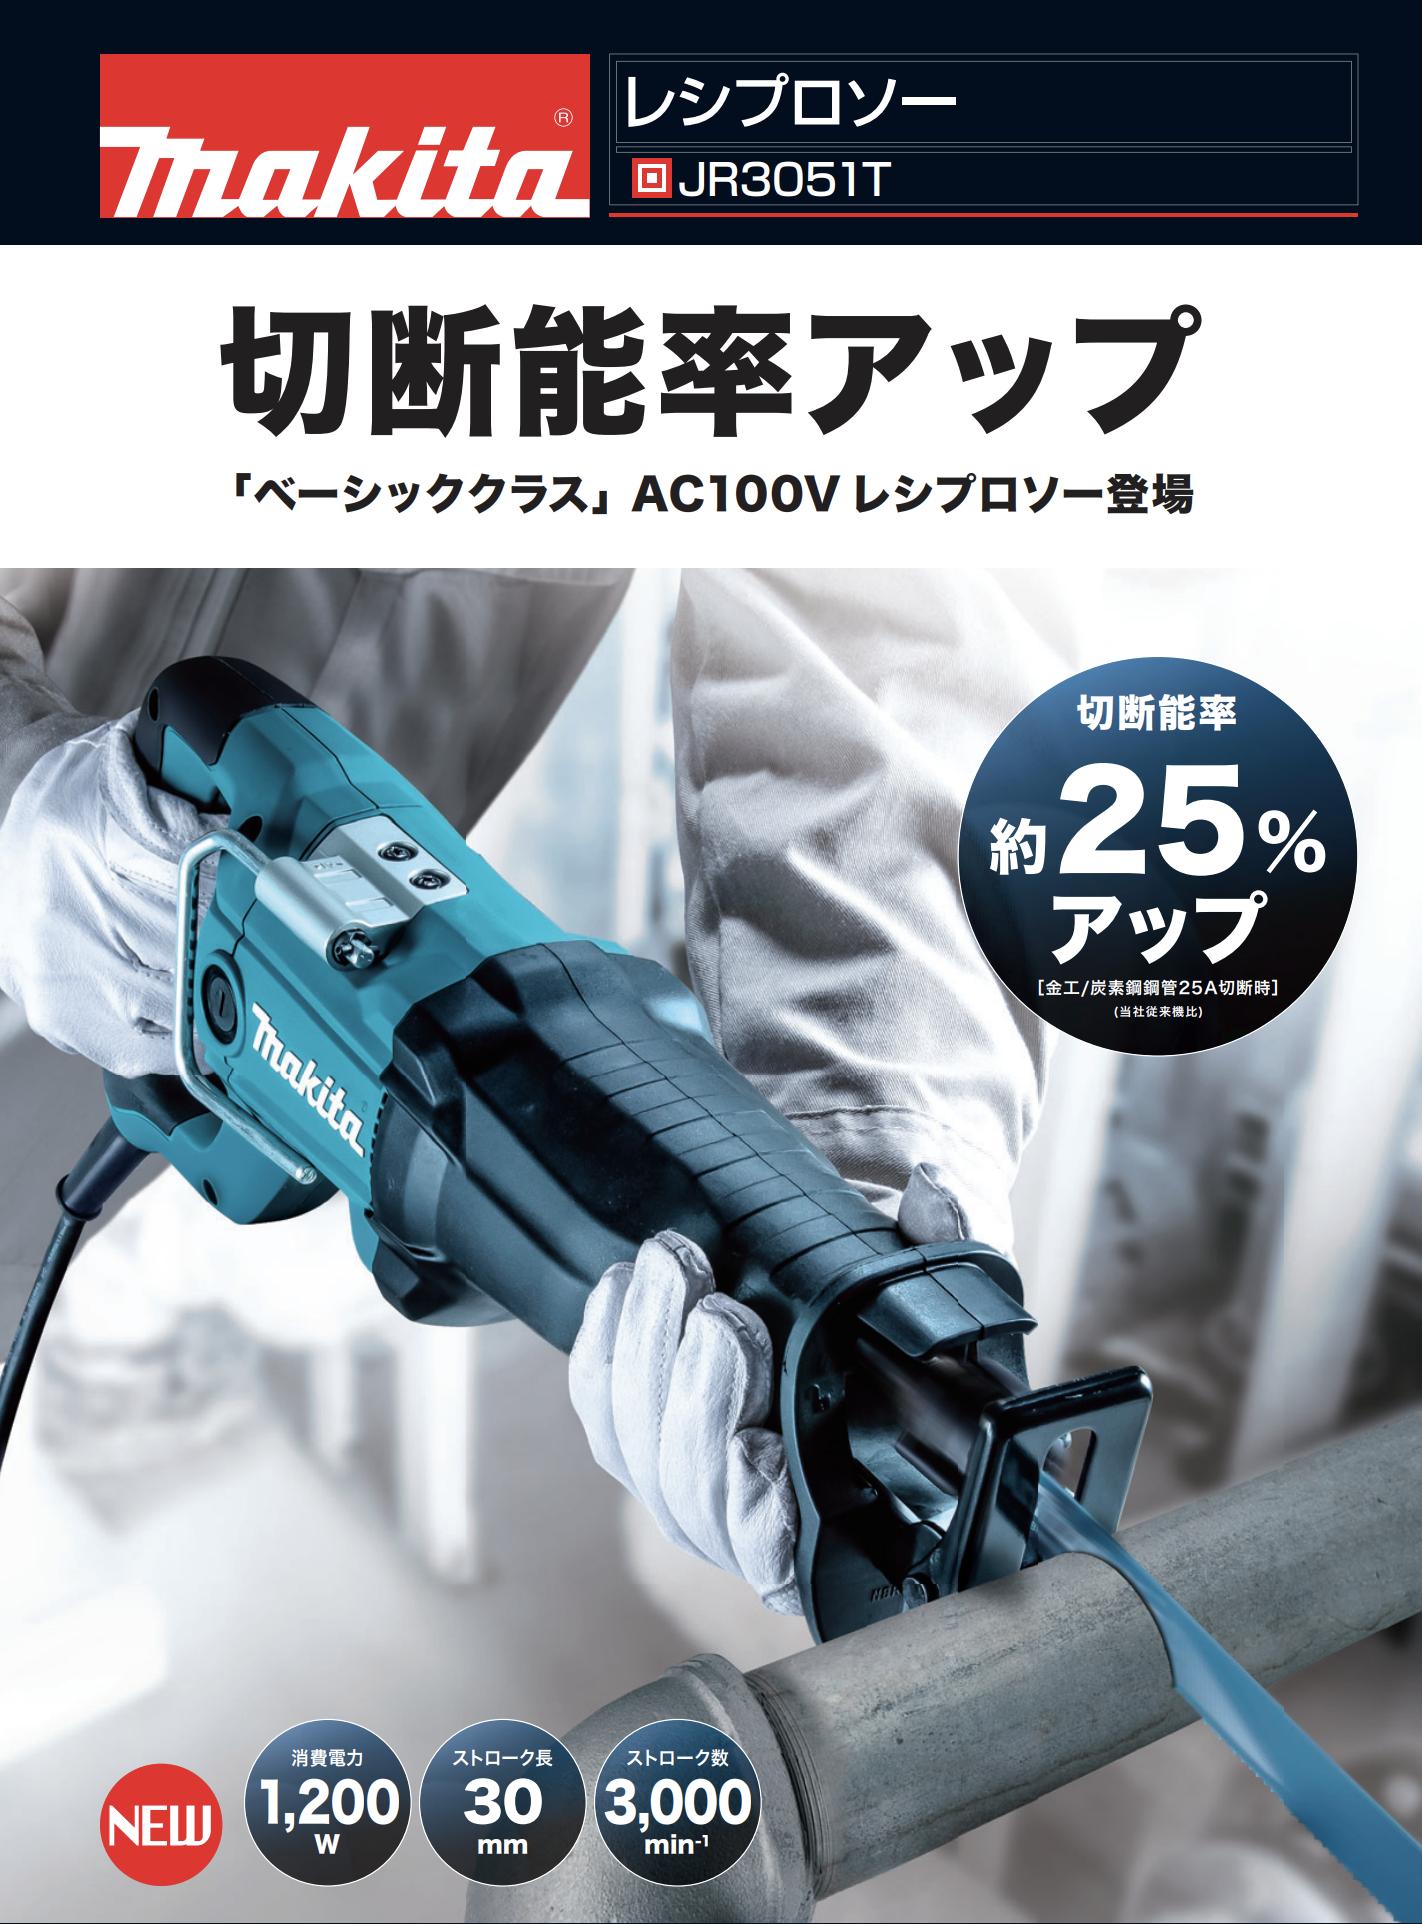 【マキタ】切断能率アップ!『レシプロソー JR3051T』の画像